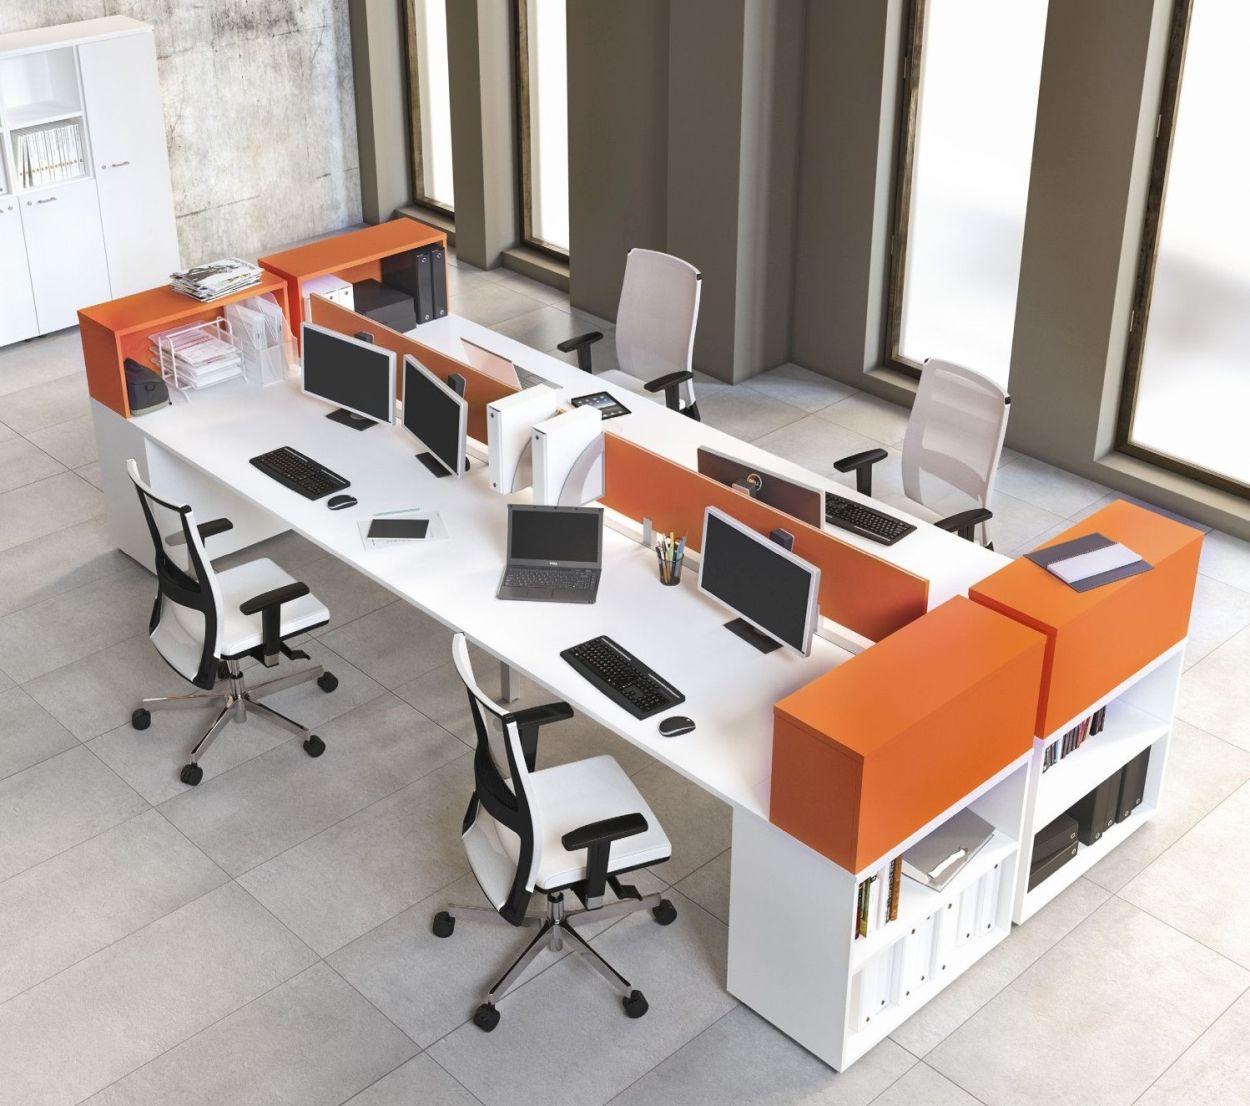 ufficio nata nel 1990 come costola dell'antica falegnameria di massimo d'agostino e staccatasi poi nel 1992 quando nasceva l'attuale azienda arch. Arredo Per Ufficio Mobili Per Ufficio Milano Italy Engine